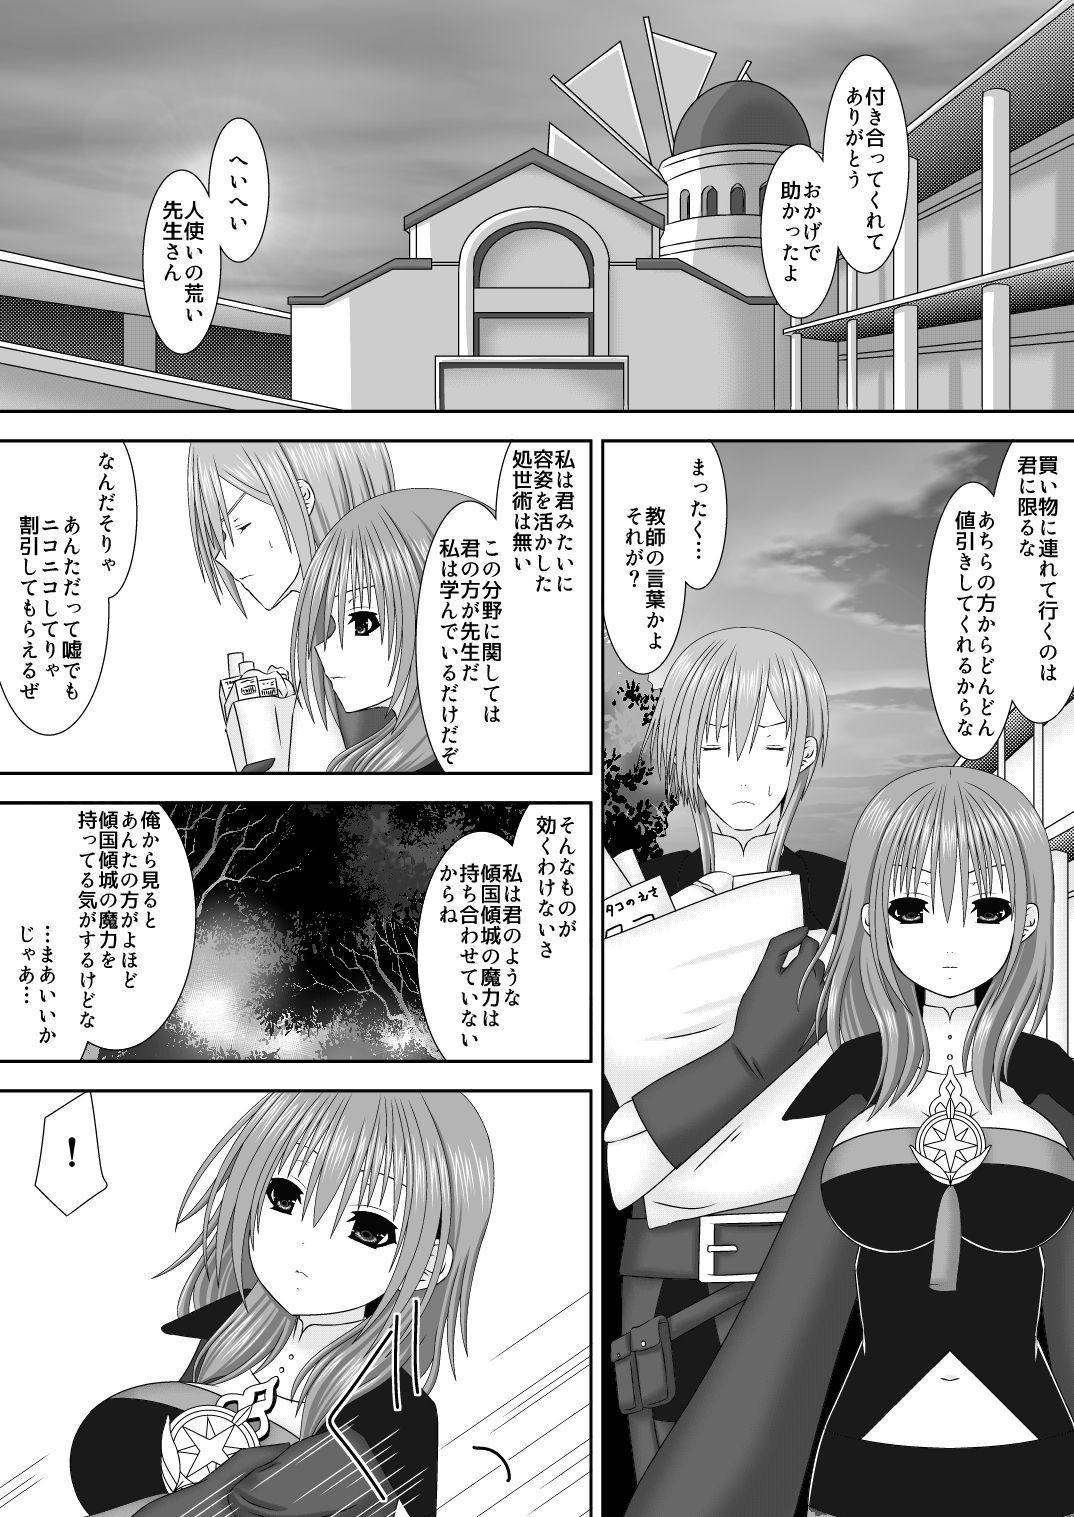 Keikokukeisei no Maryoku 2